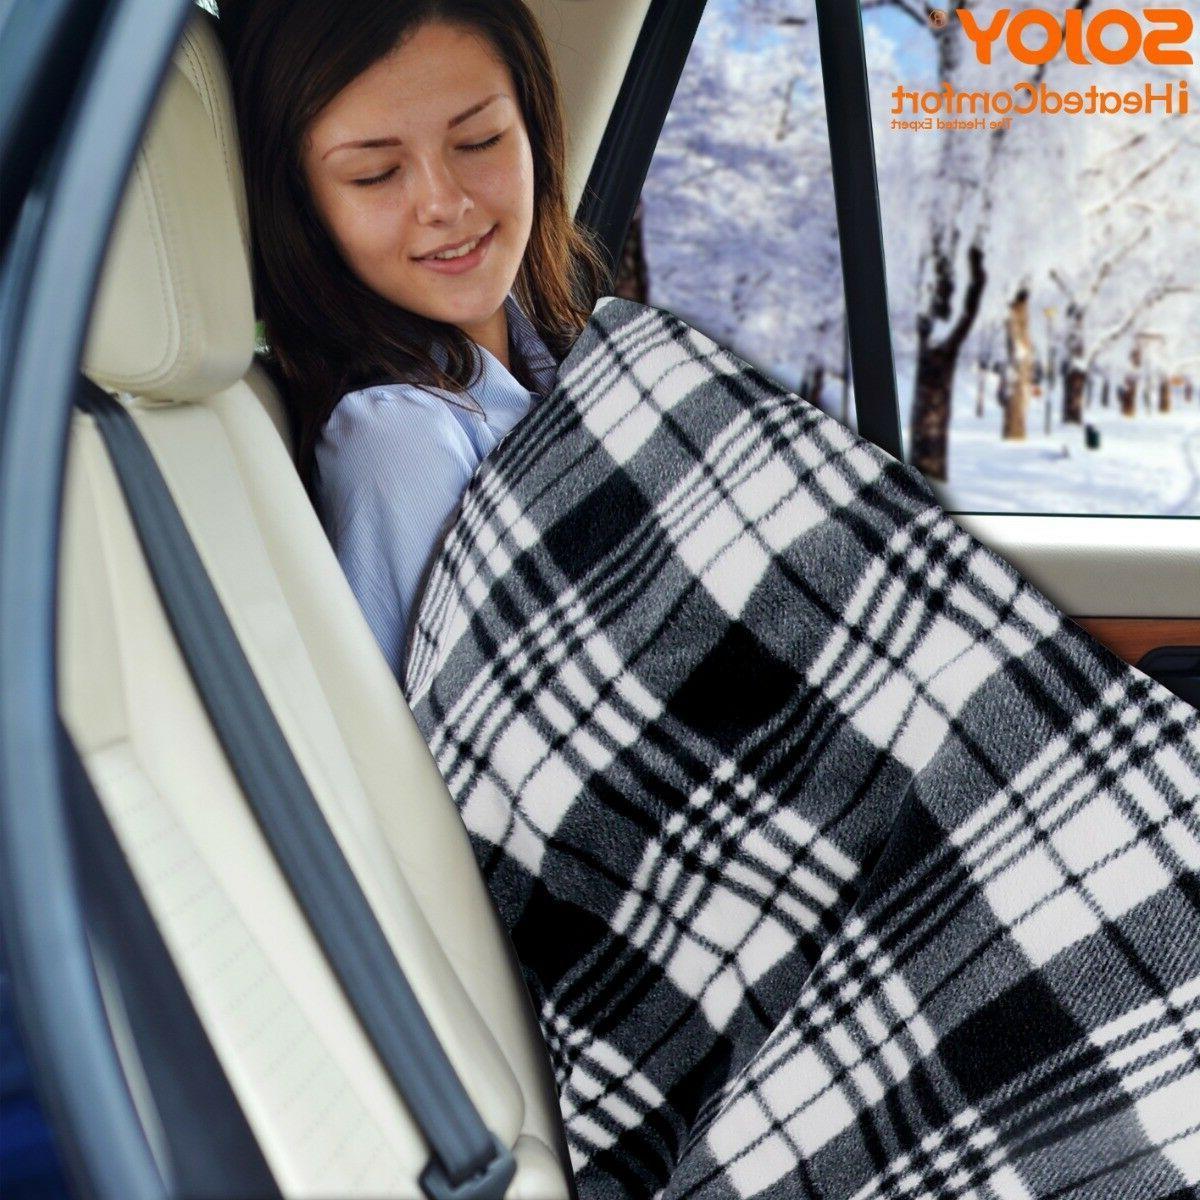 Sojoy 12V Heated Electric Blanket RV